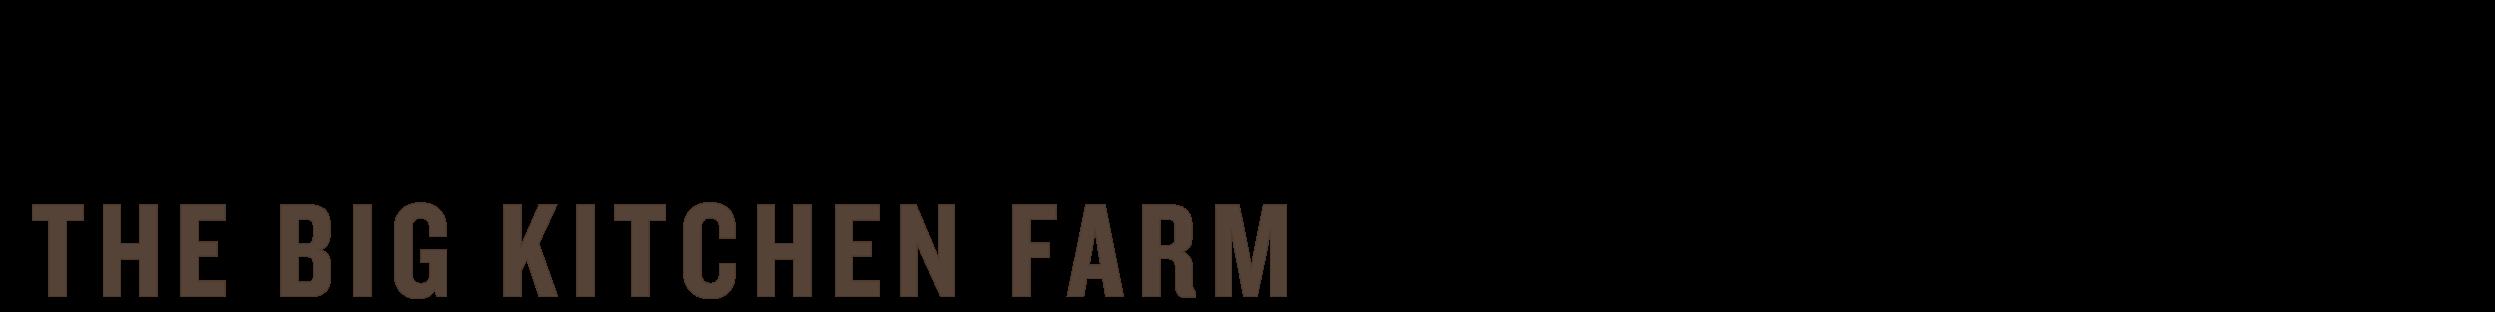 BkFarm-100.png